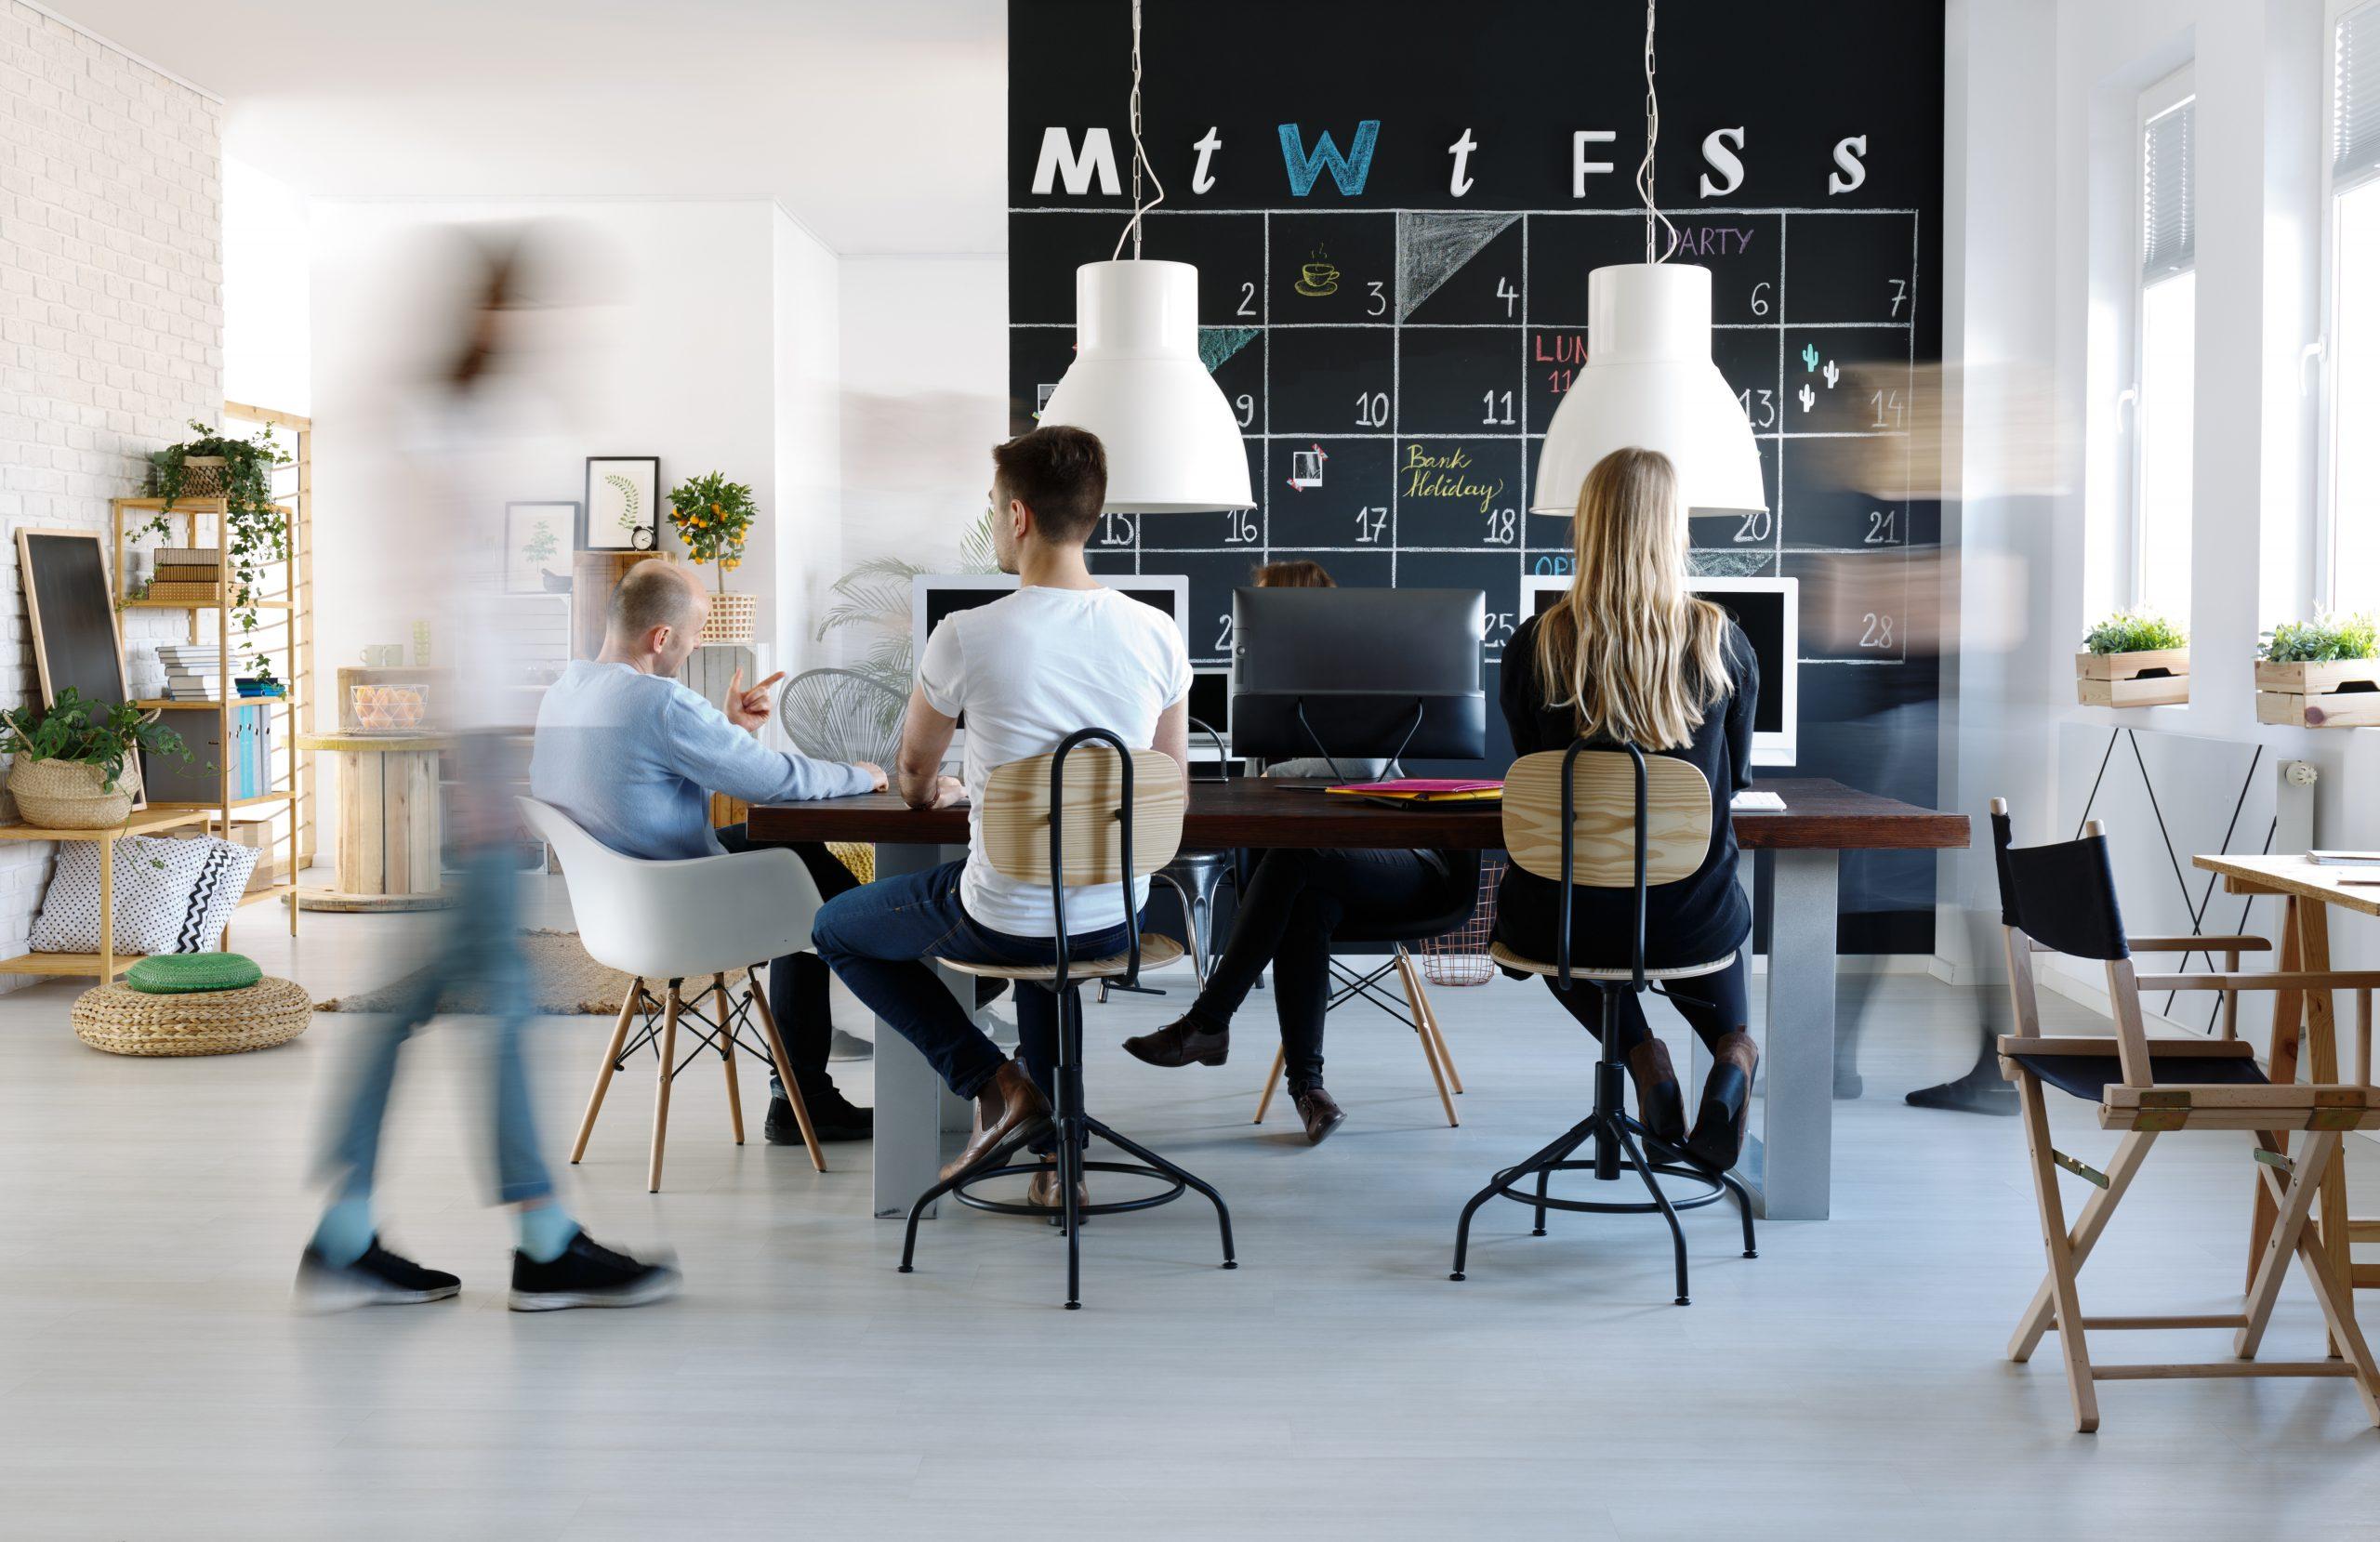 Zukunft der Arbeitswelt